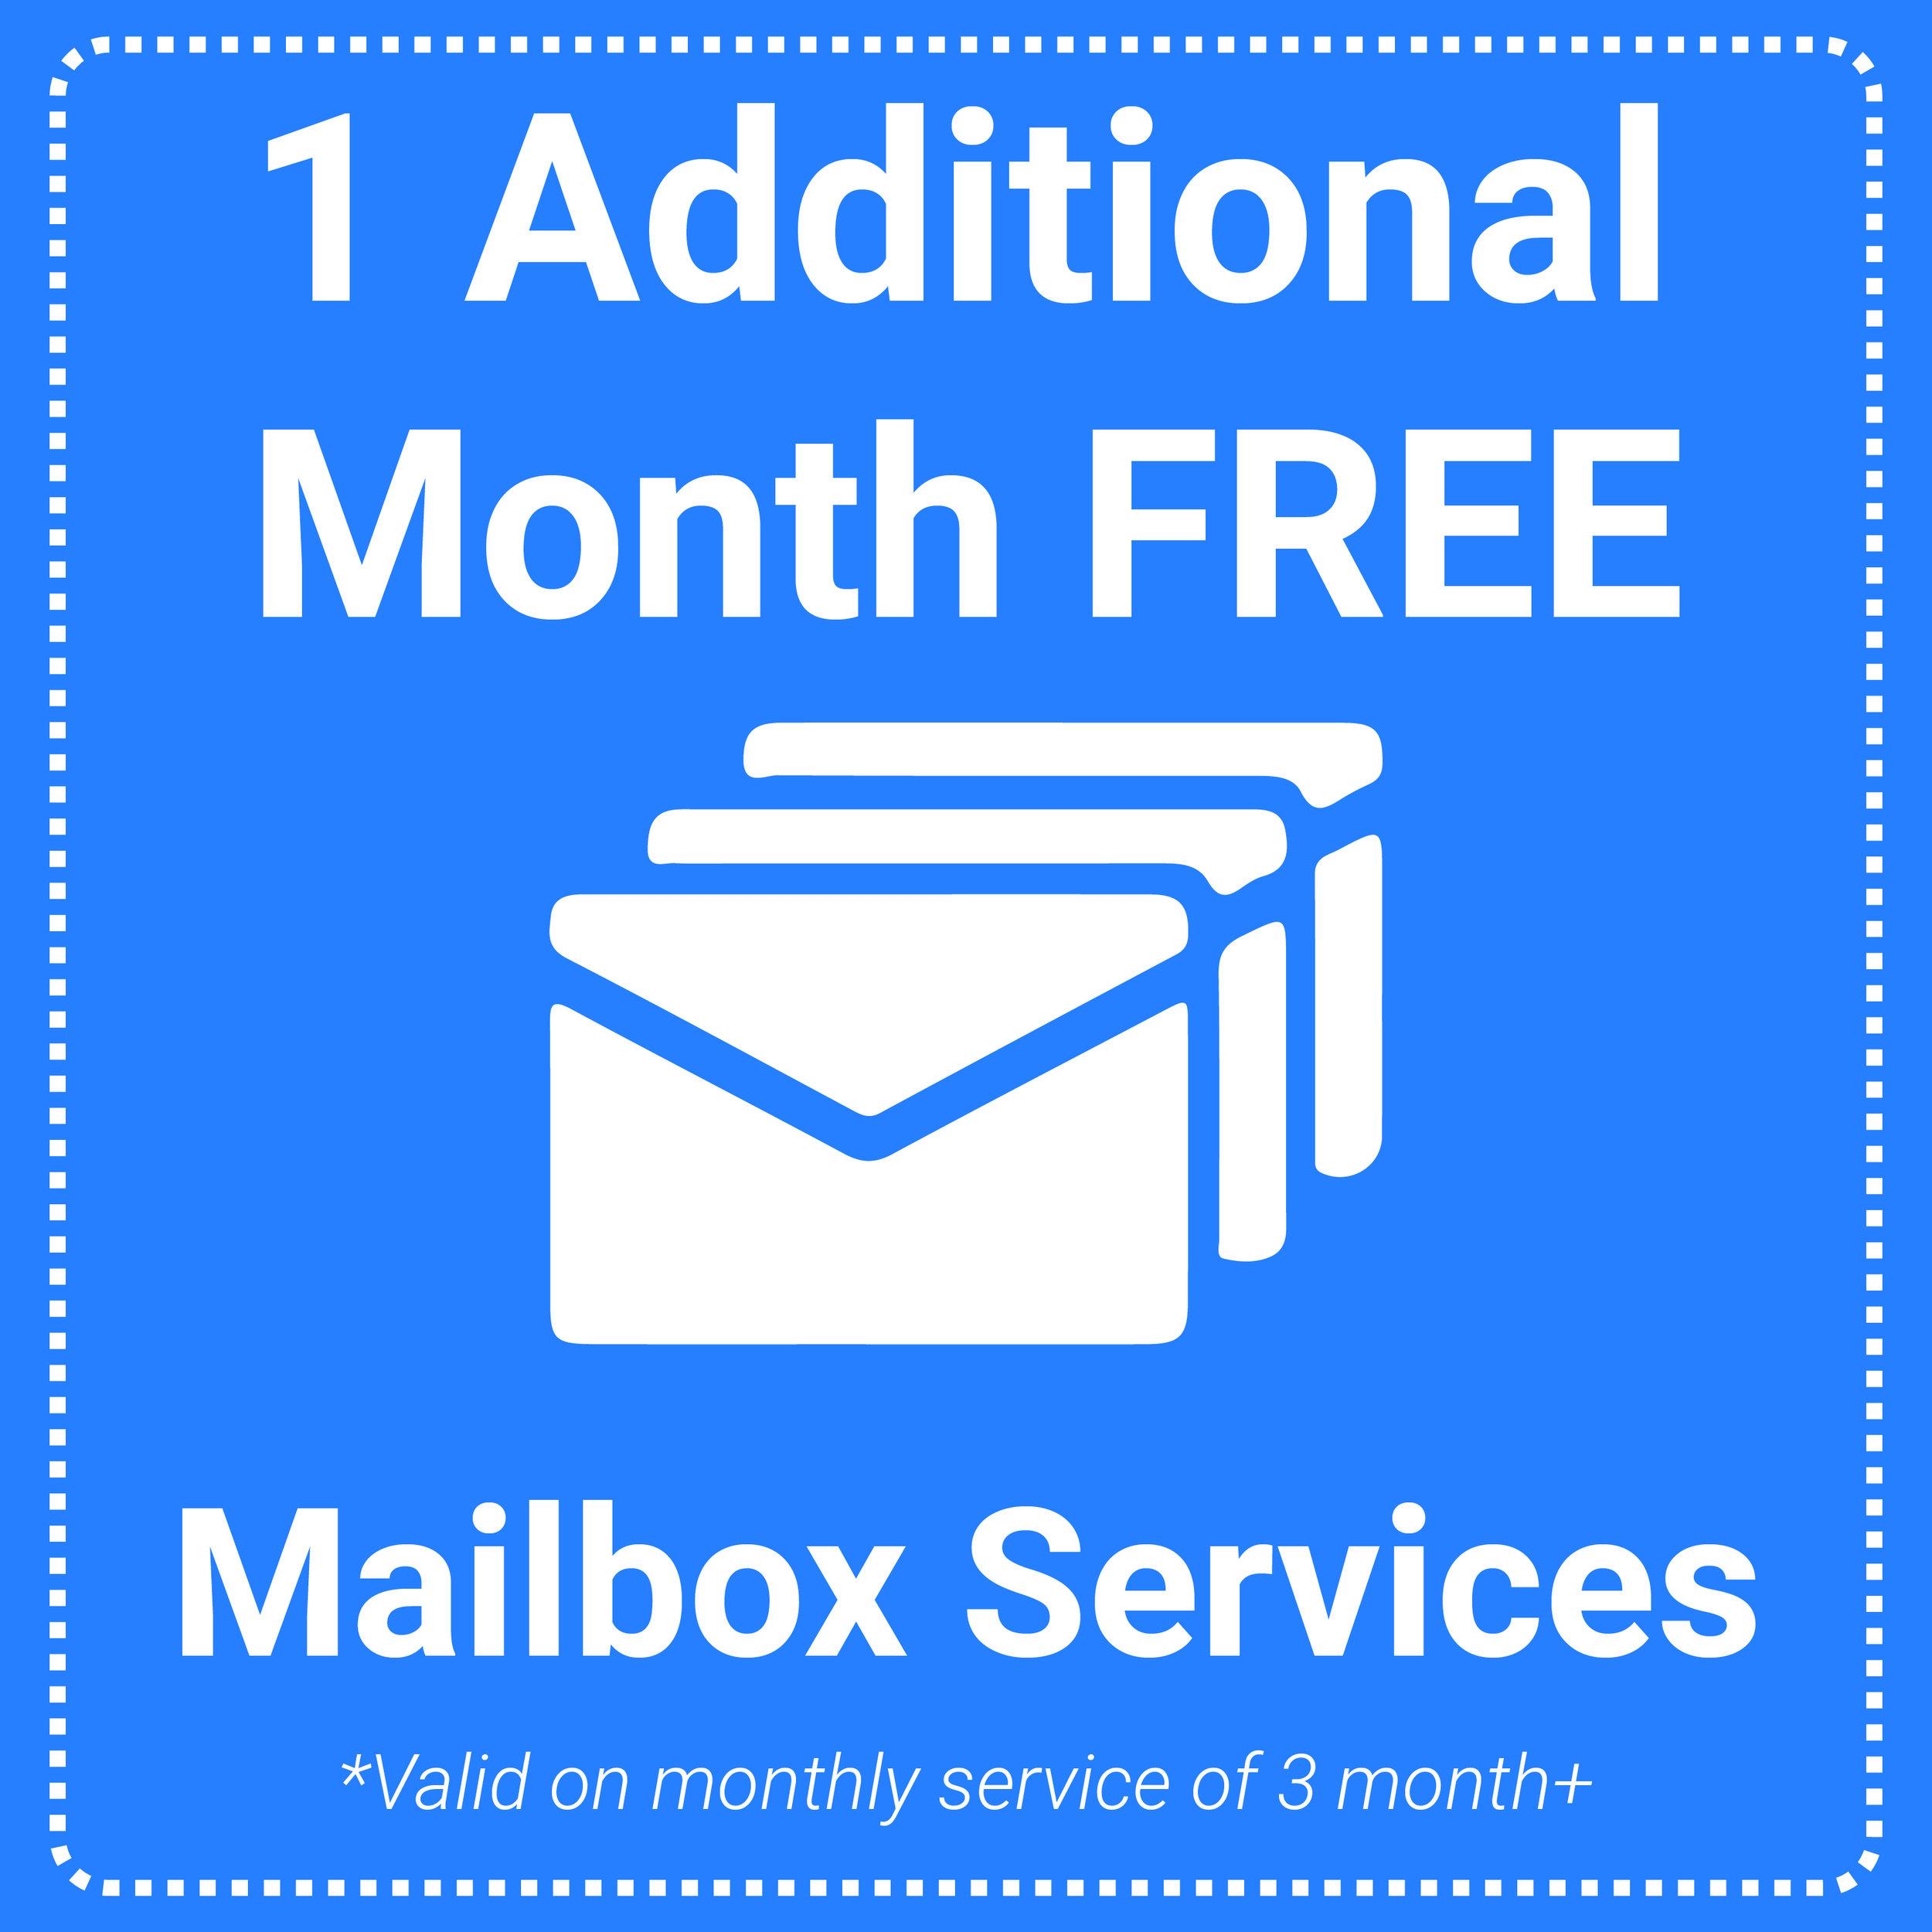 Mailbox Services-01.jpg